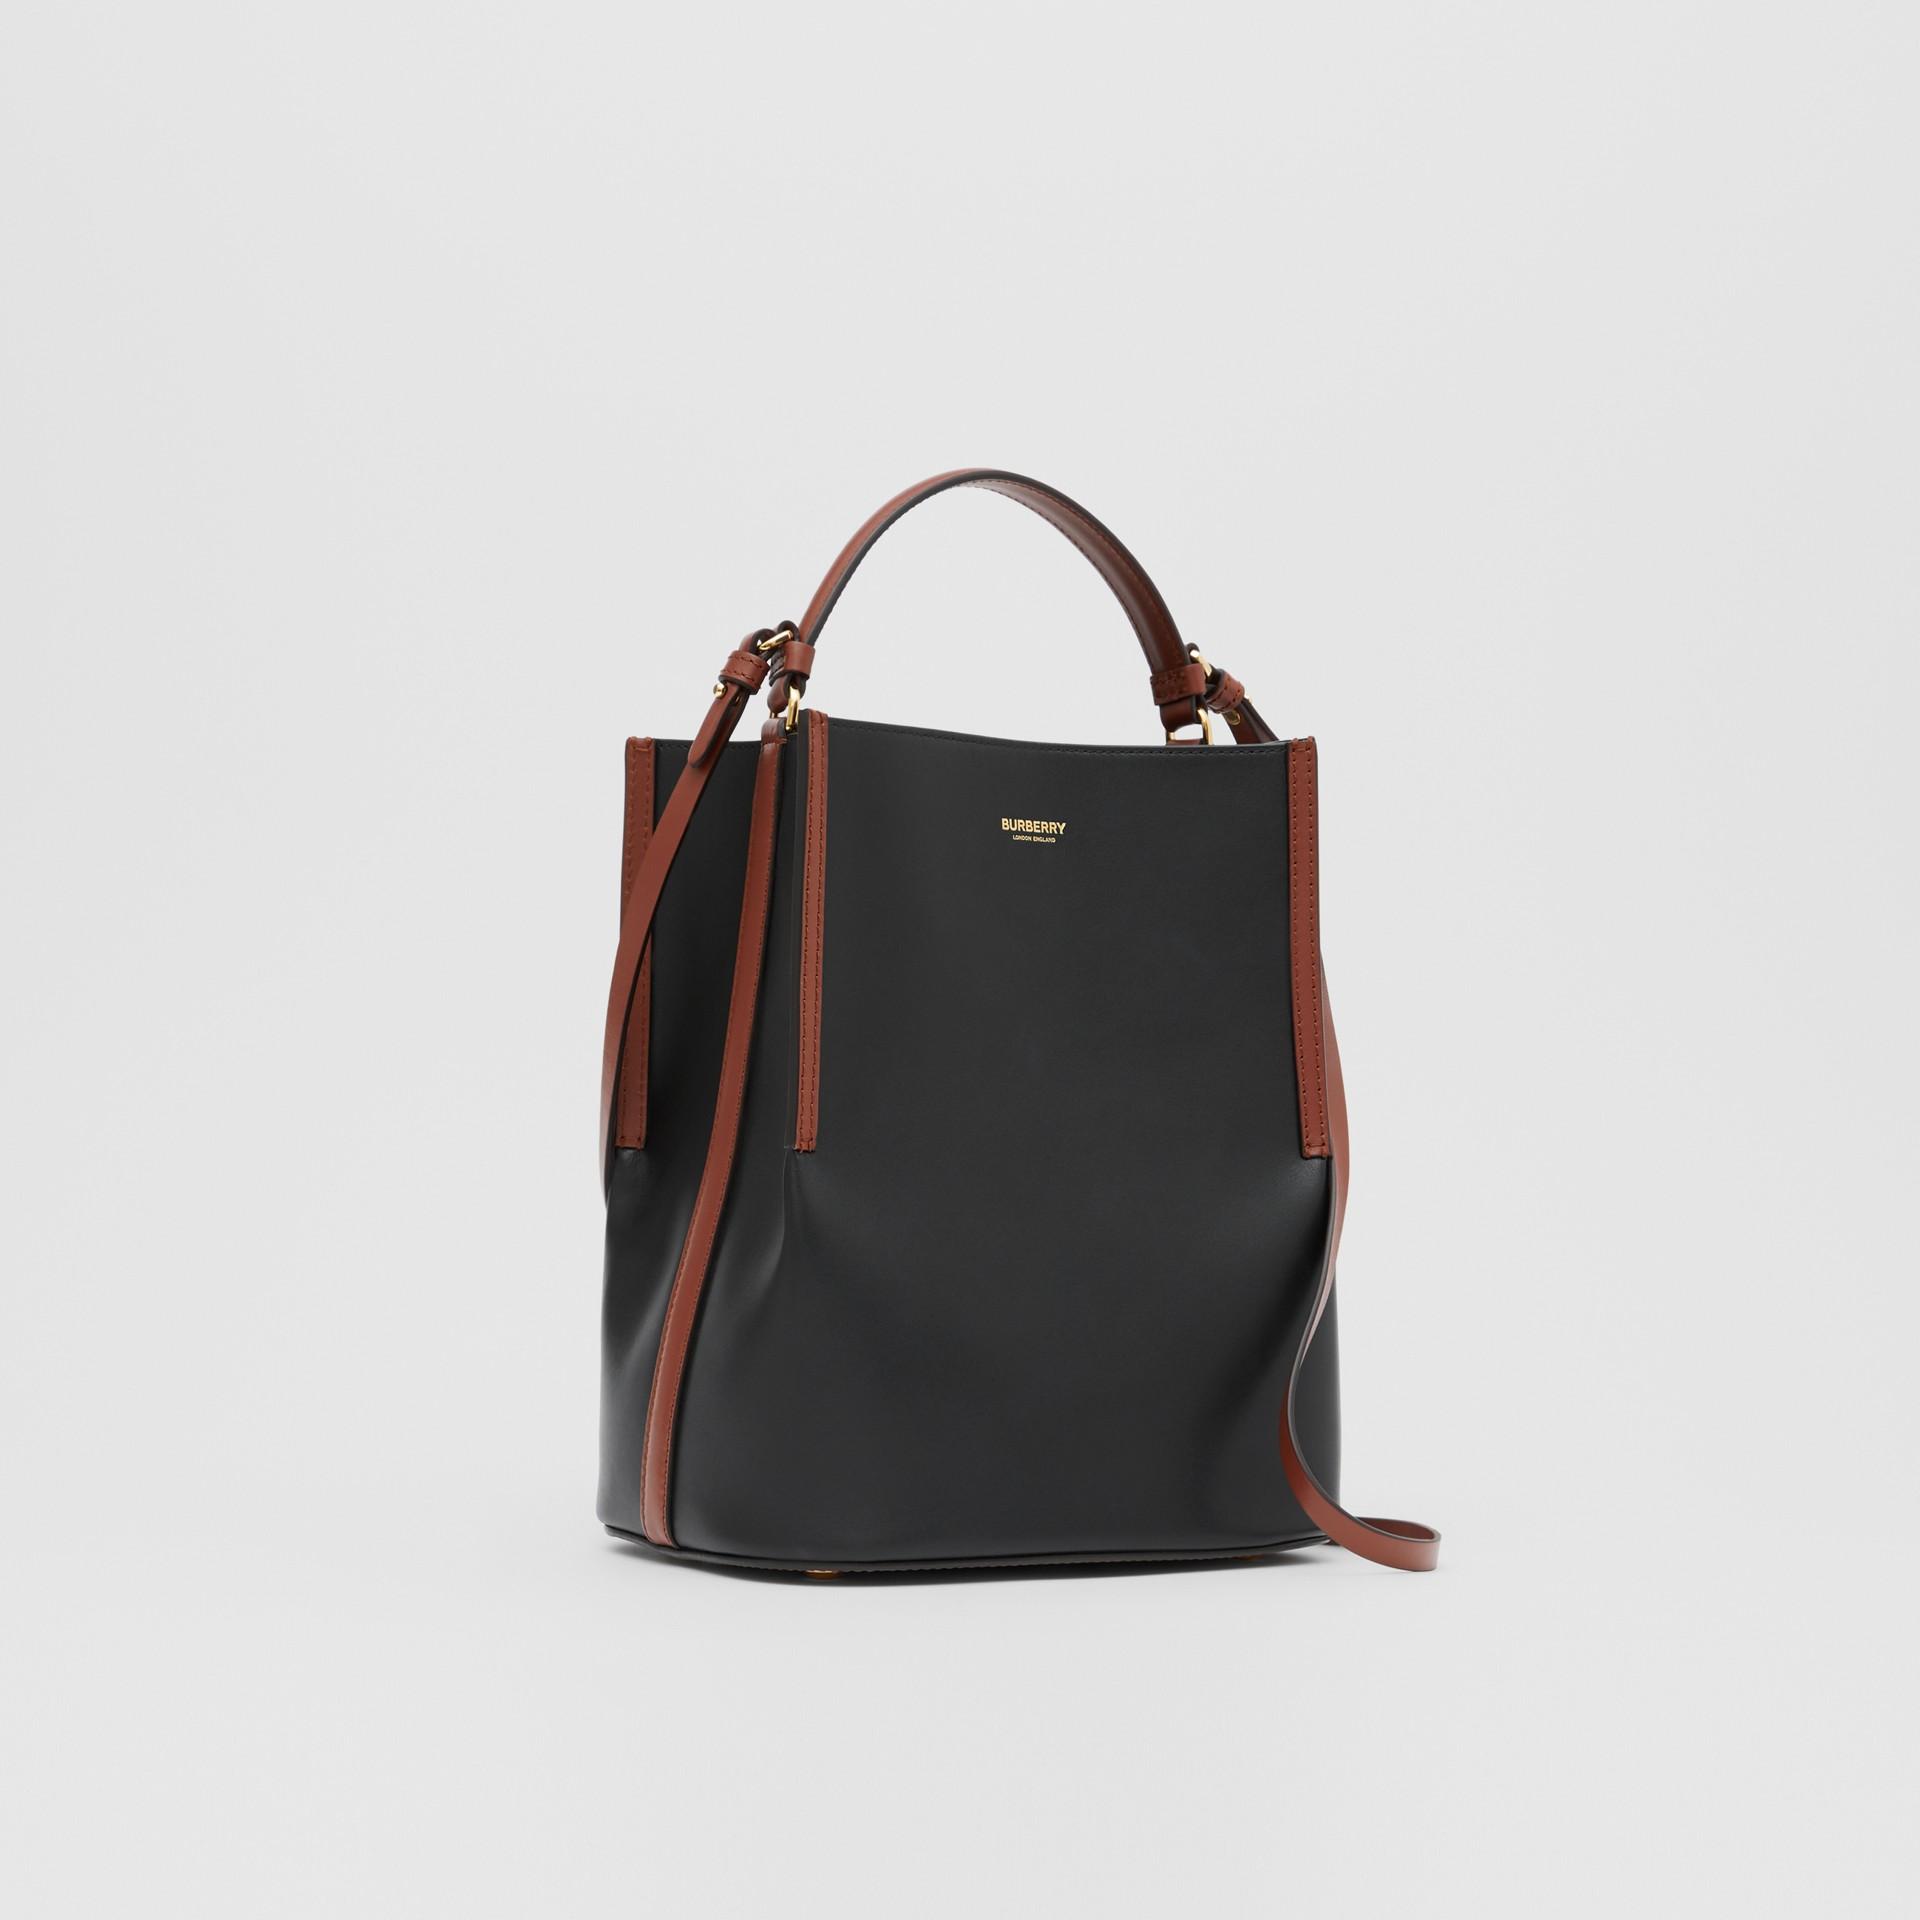 스몰 투톤 레더 페기 버킷 백 (블랙) - 여성 | Burberry - 갤러리 이미지 6